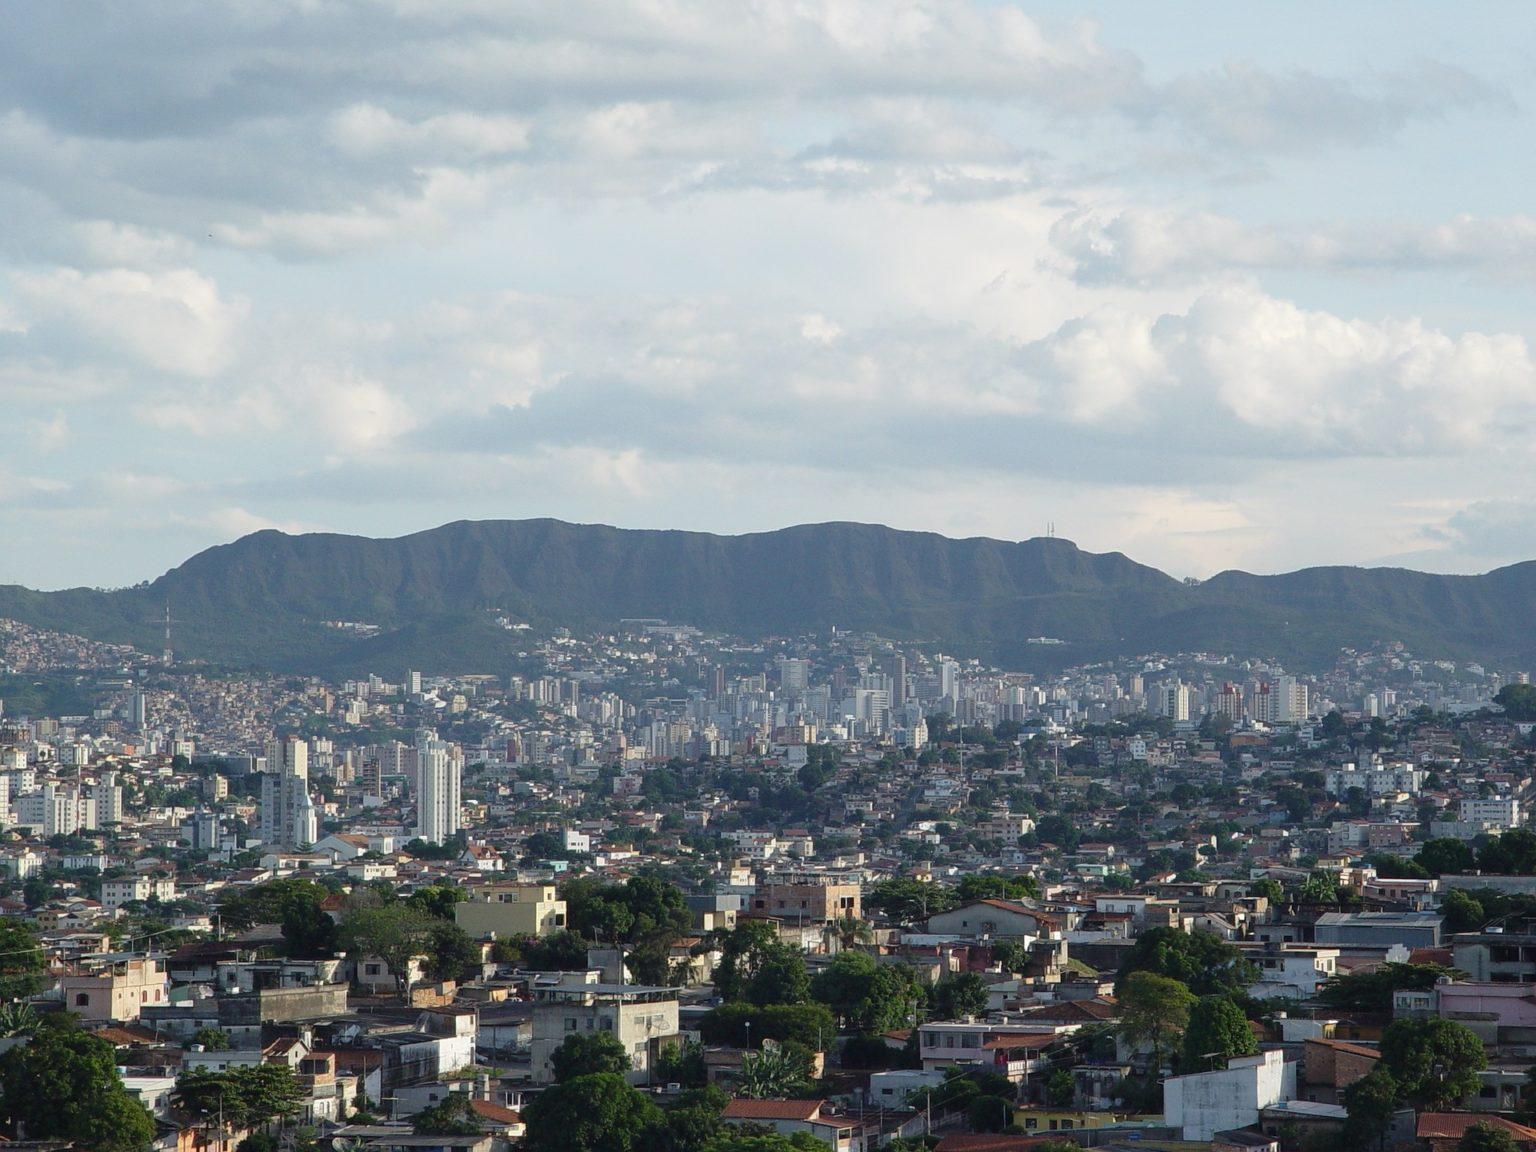 Walking tour in Belo Horizonte